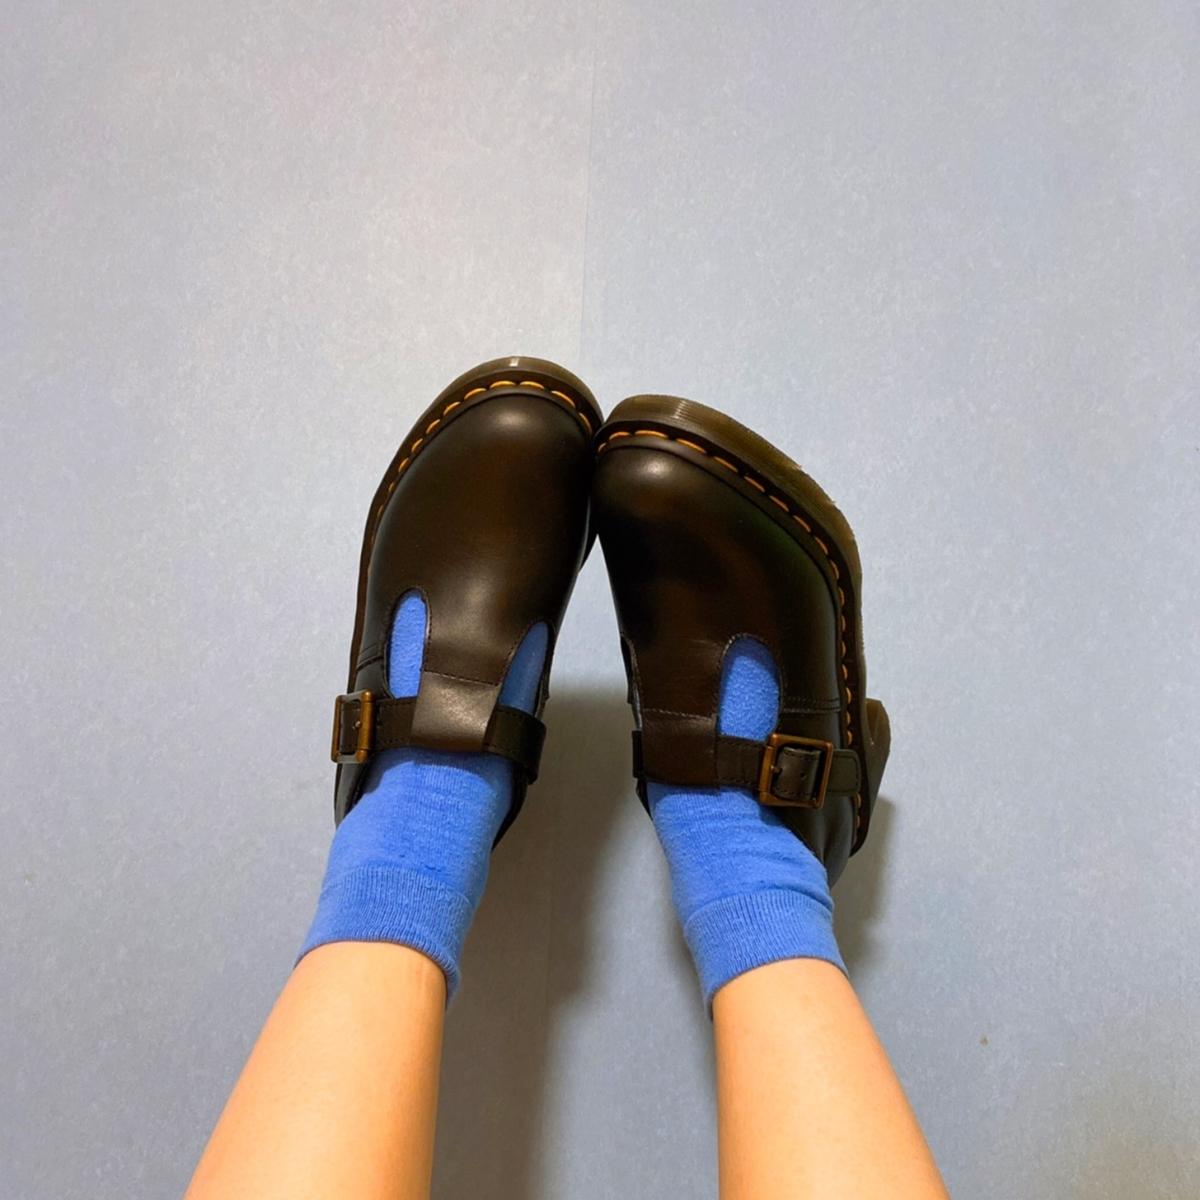 ドクター・マーチンの革靴の写真